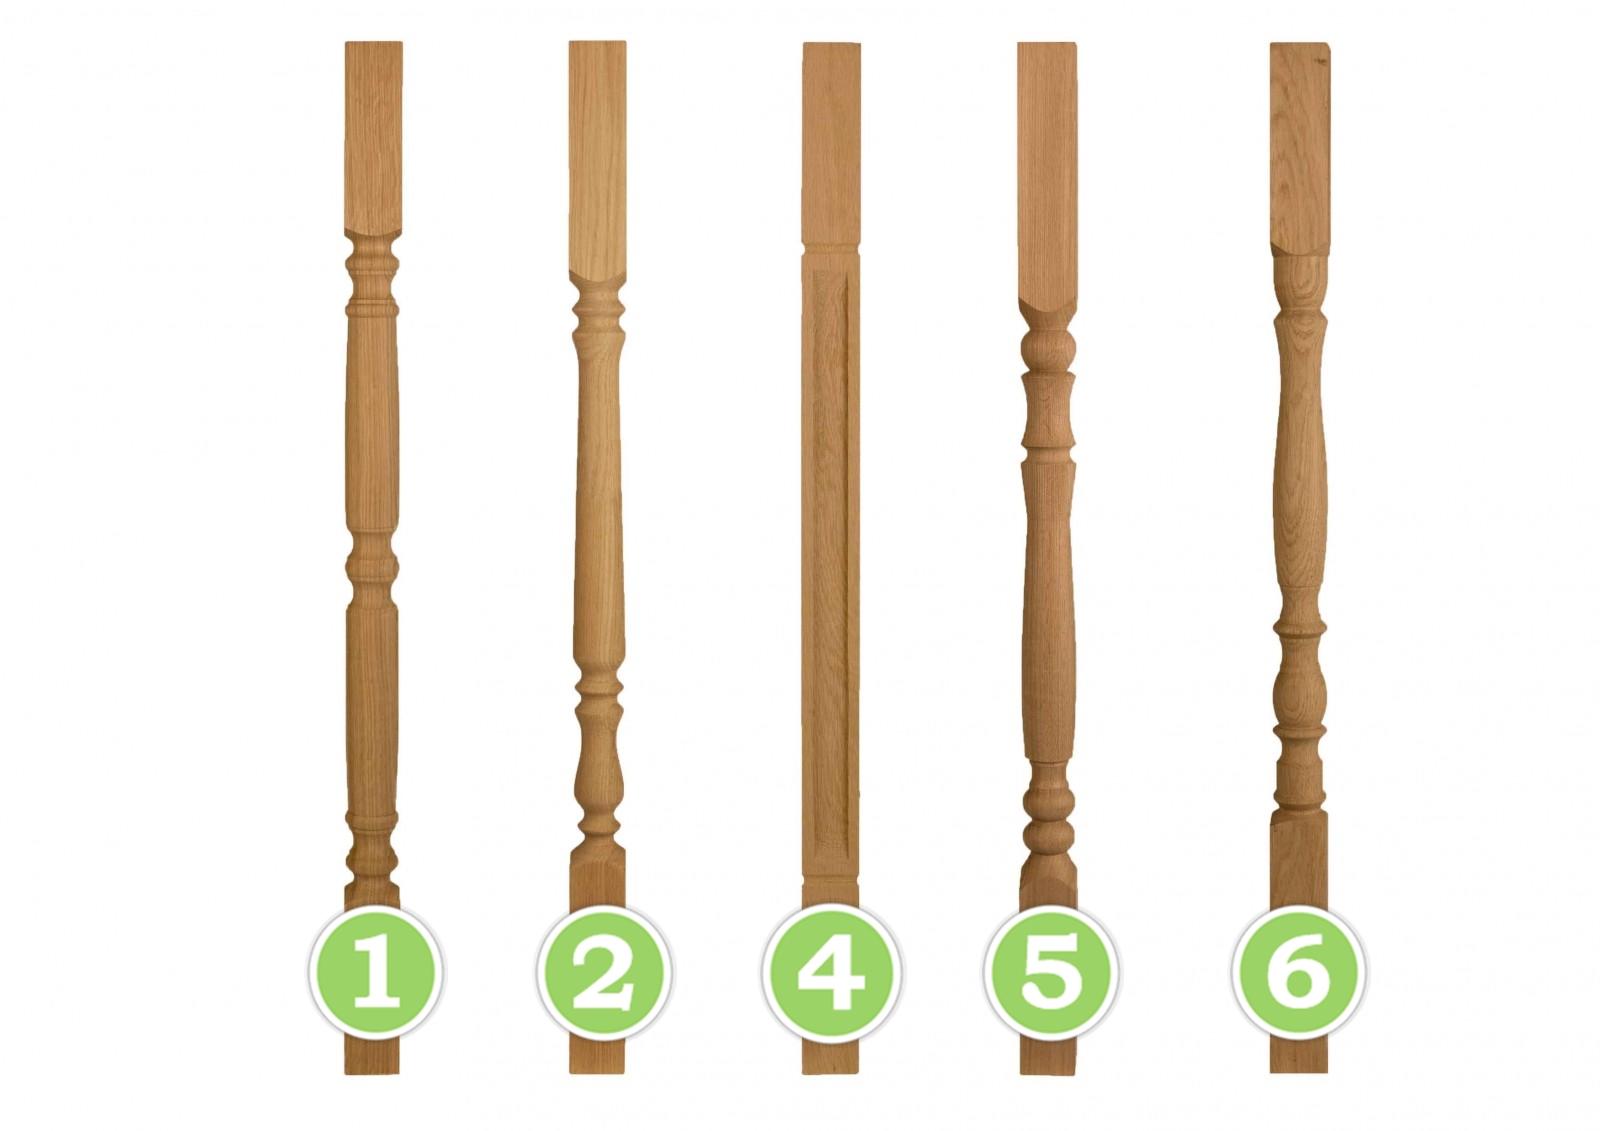 Плоские балясины из дерева своими руками чертежи их установка